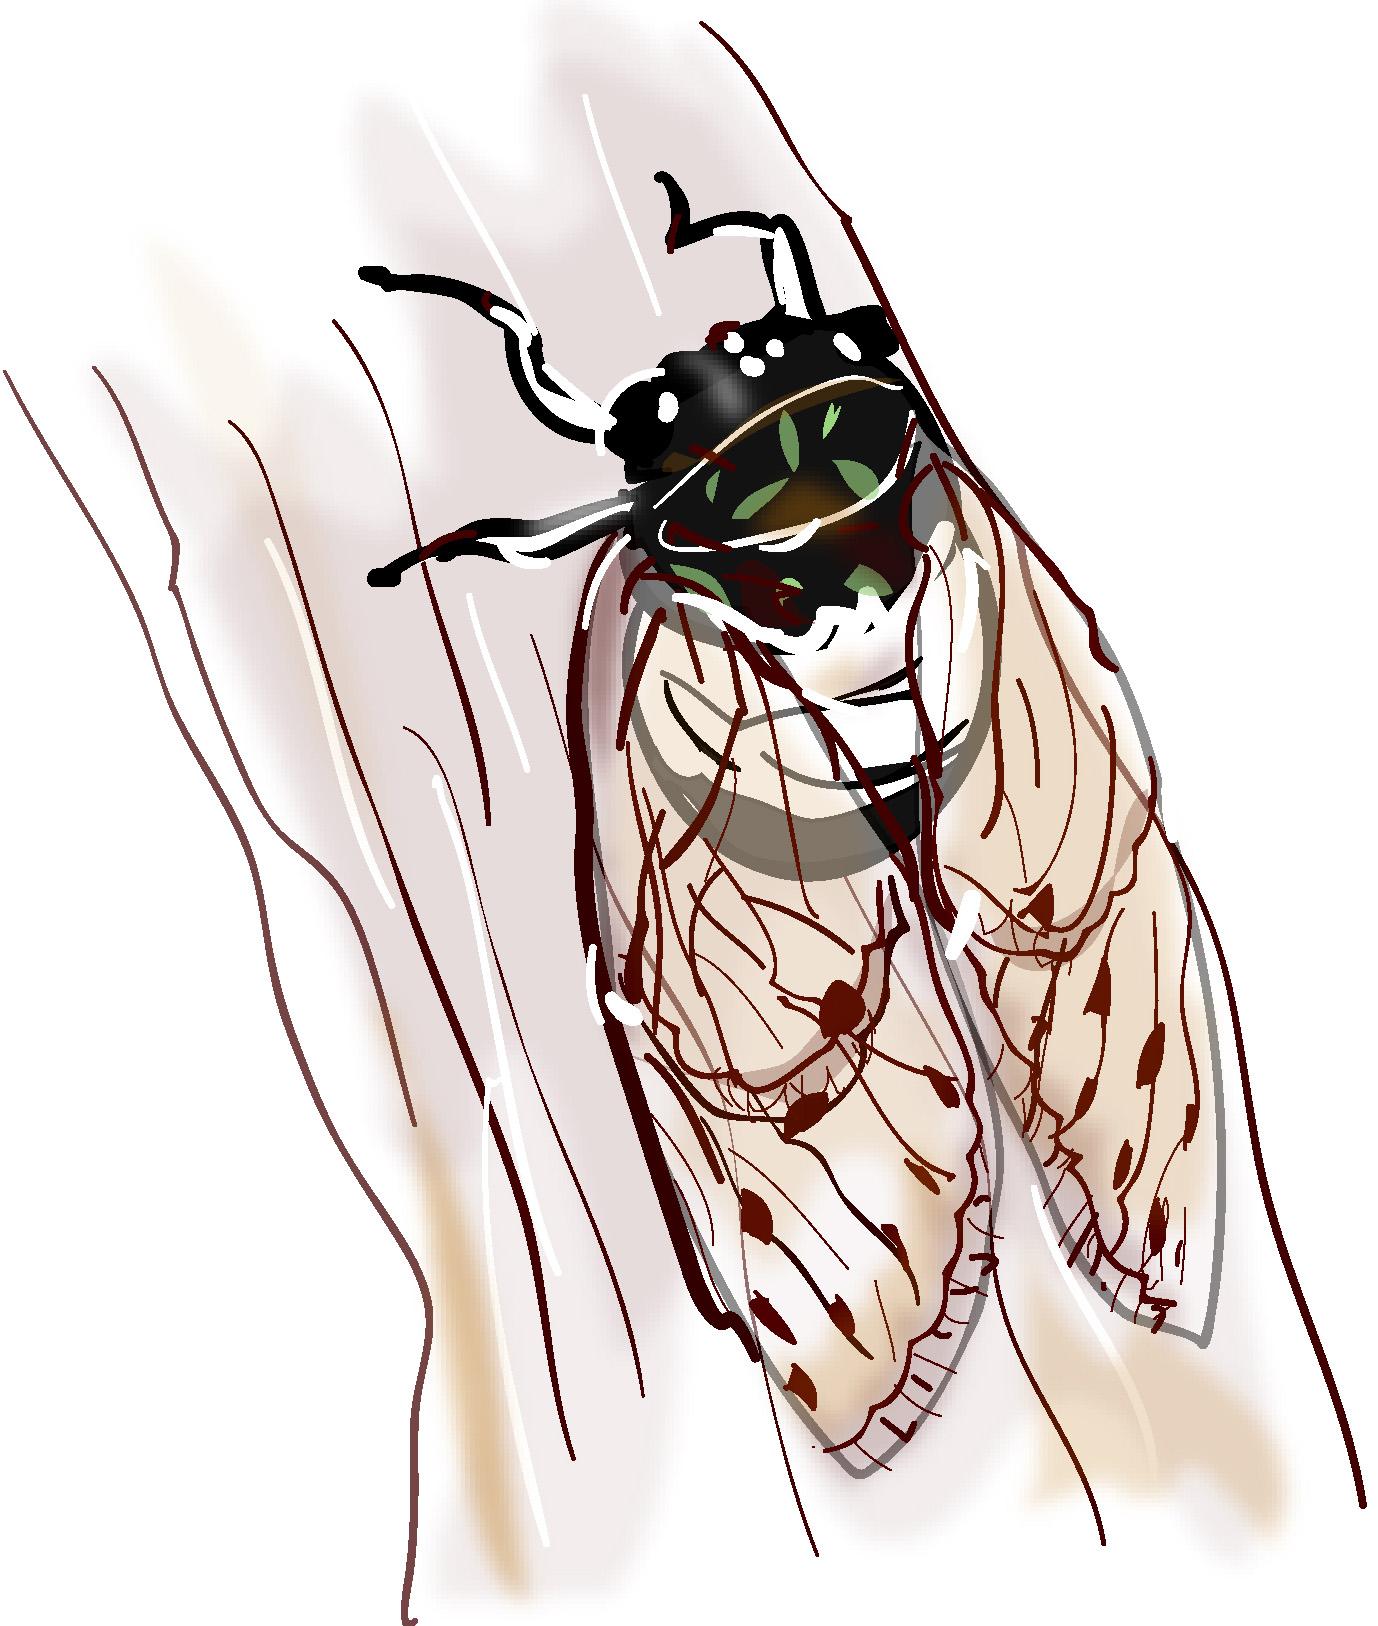 蝉のイラスト素材ダウンロード